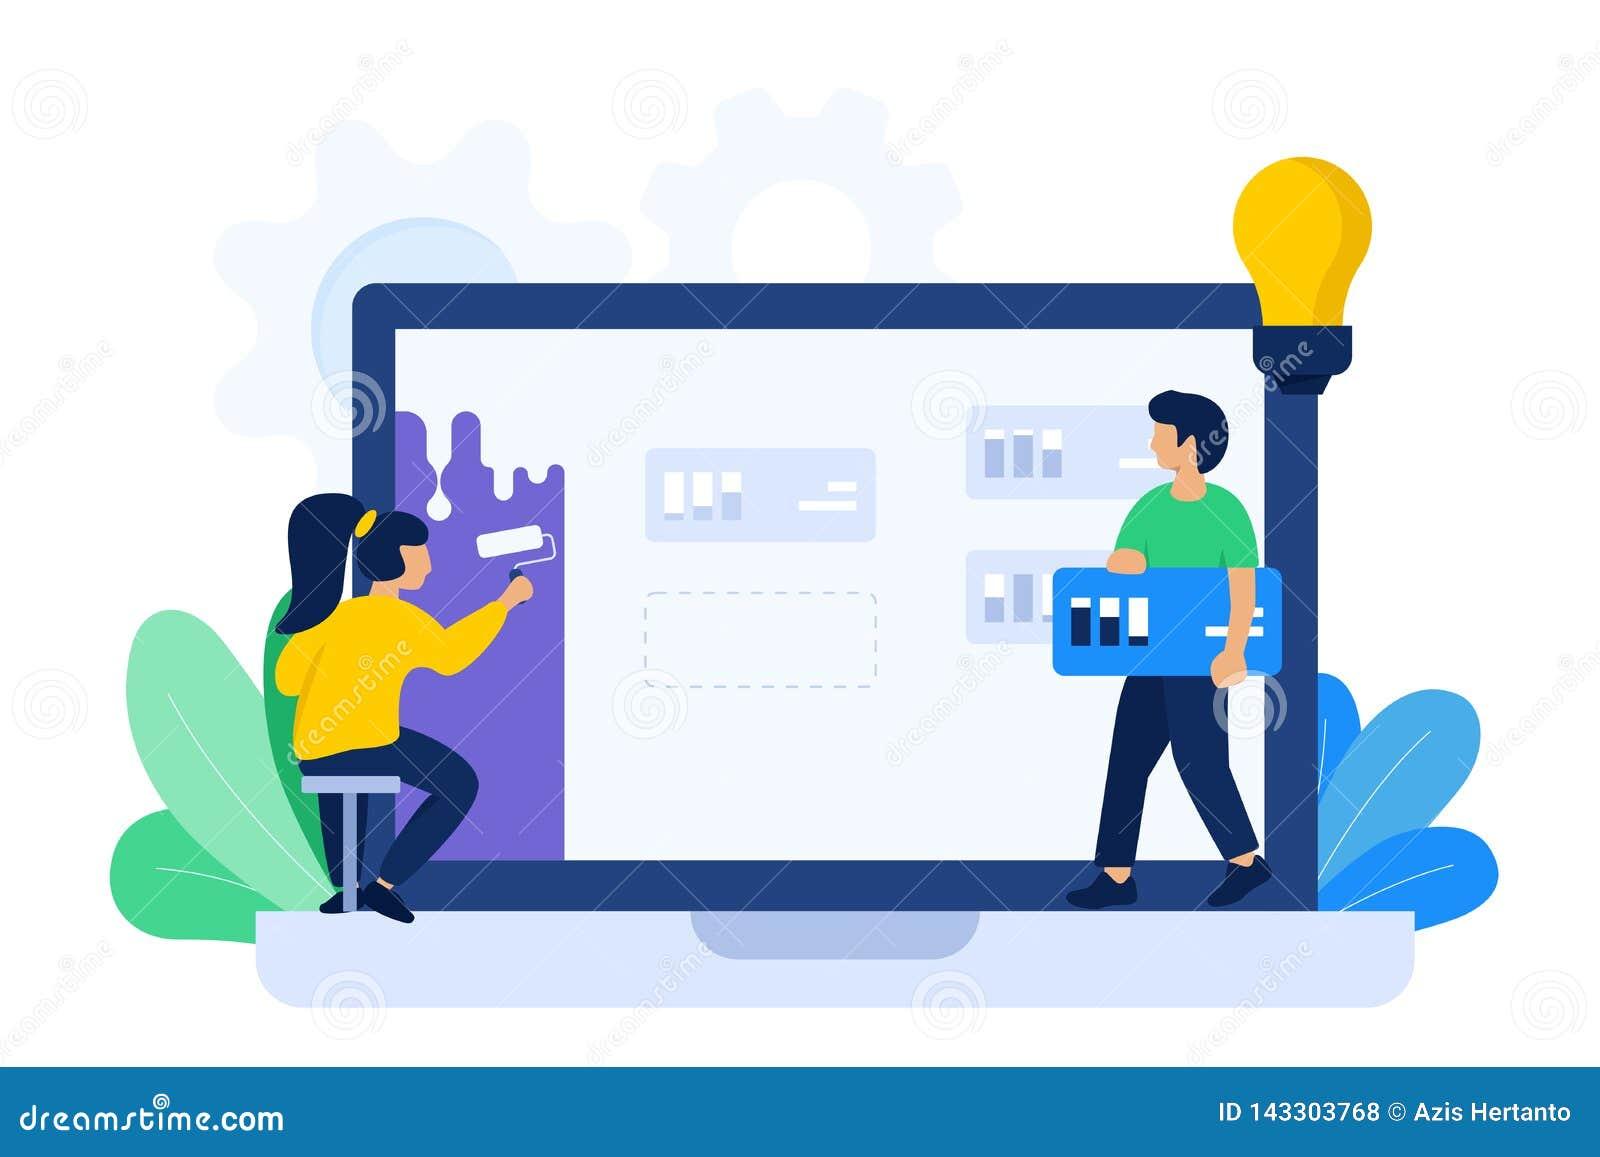 Иллюстрация сотрудничества дизайнера и разработчика